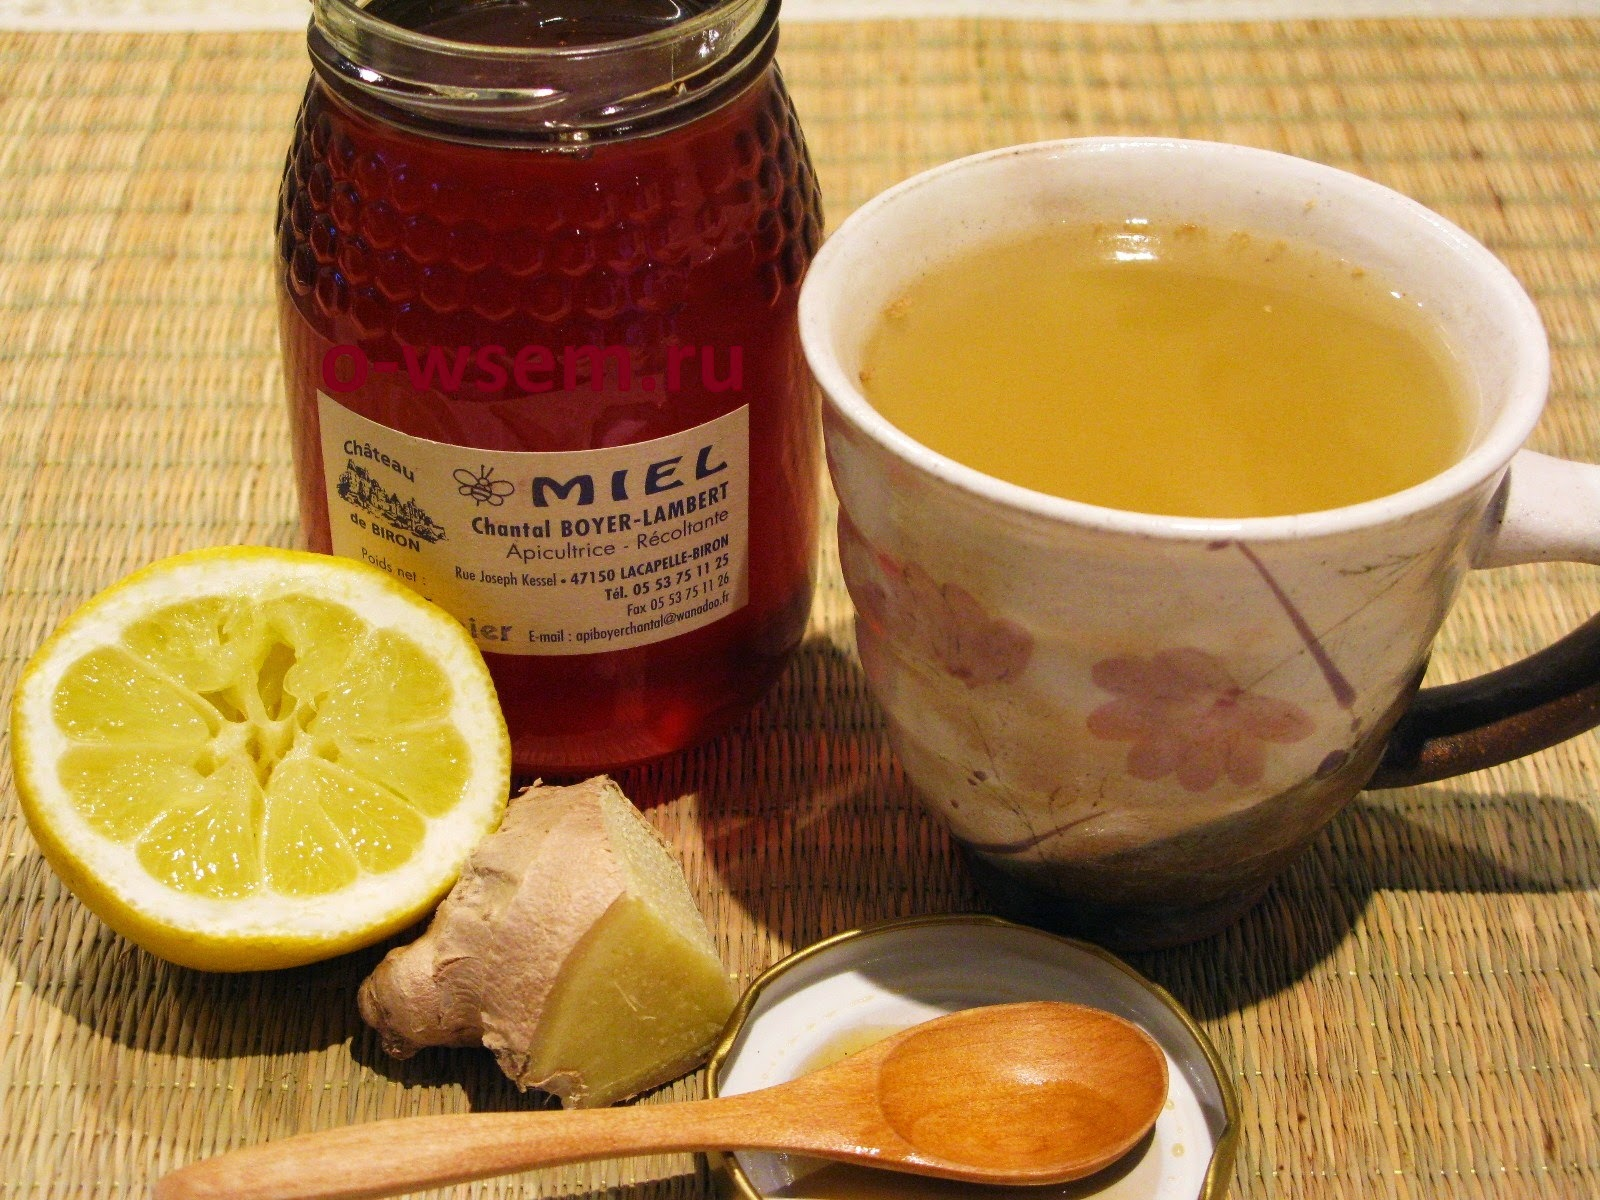 Чай с мёдом. Польза и вред меда в горячем чае - TeaPravda